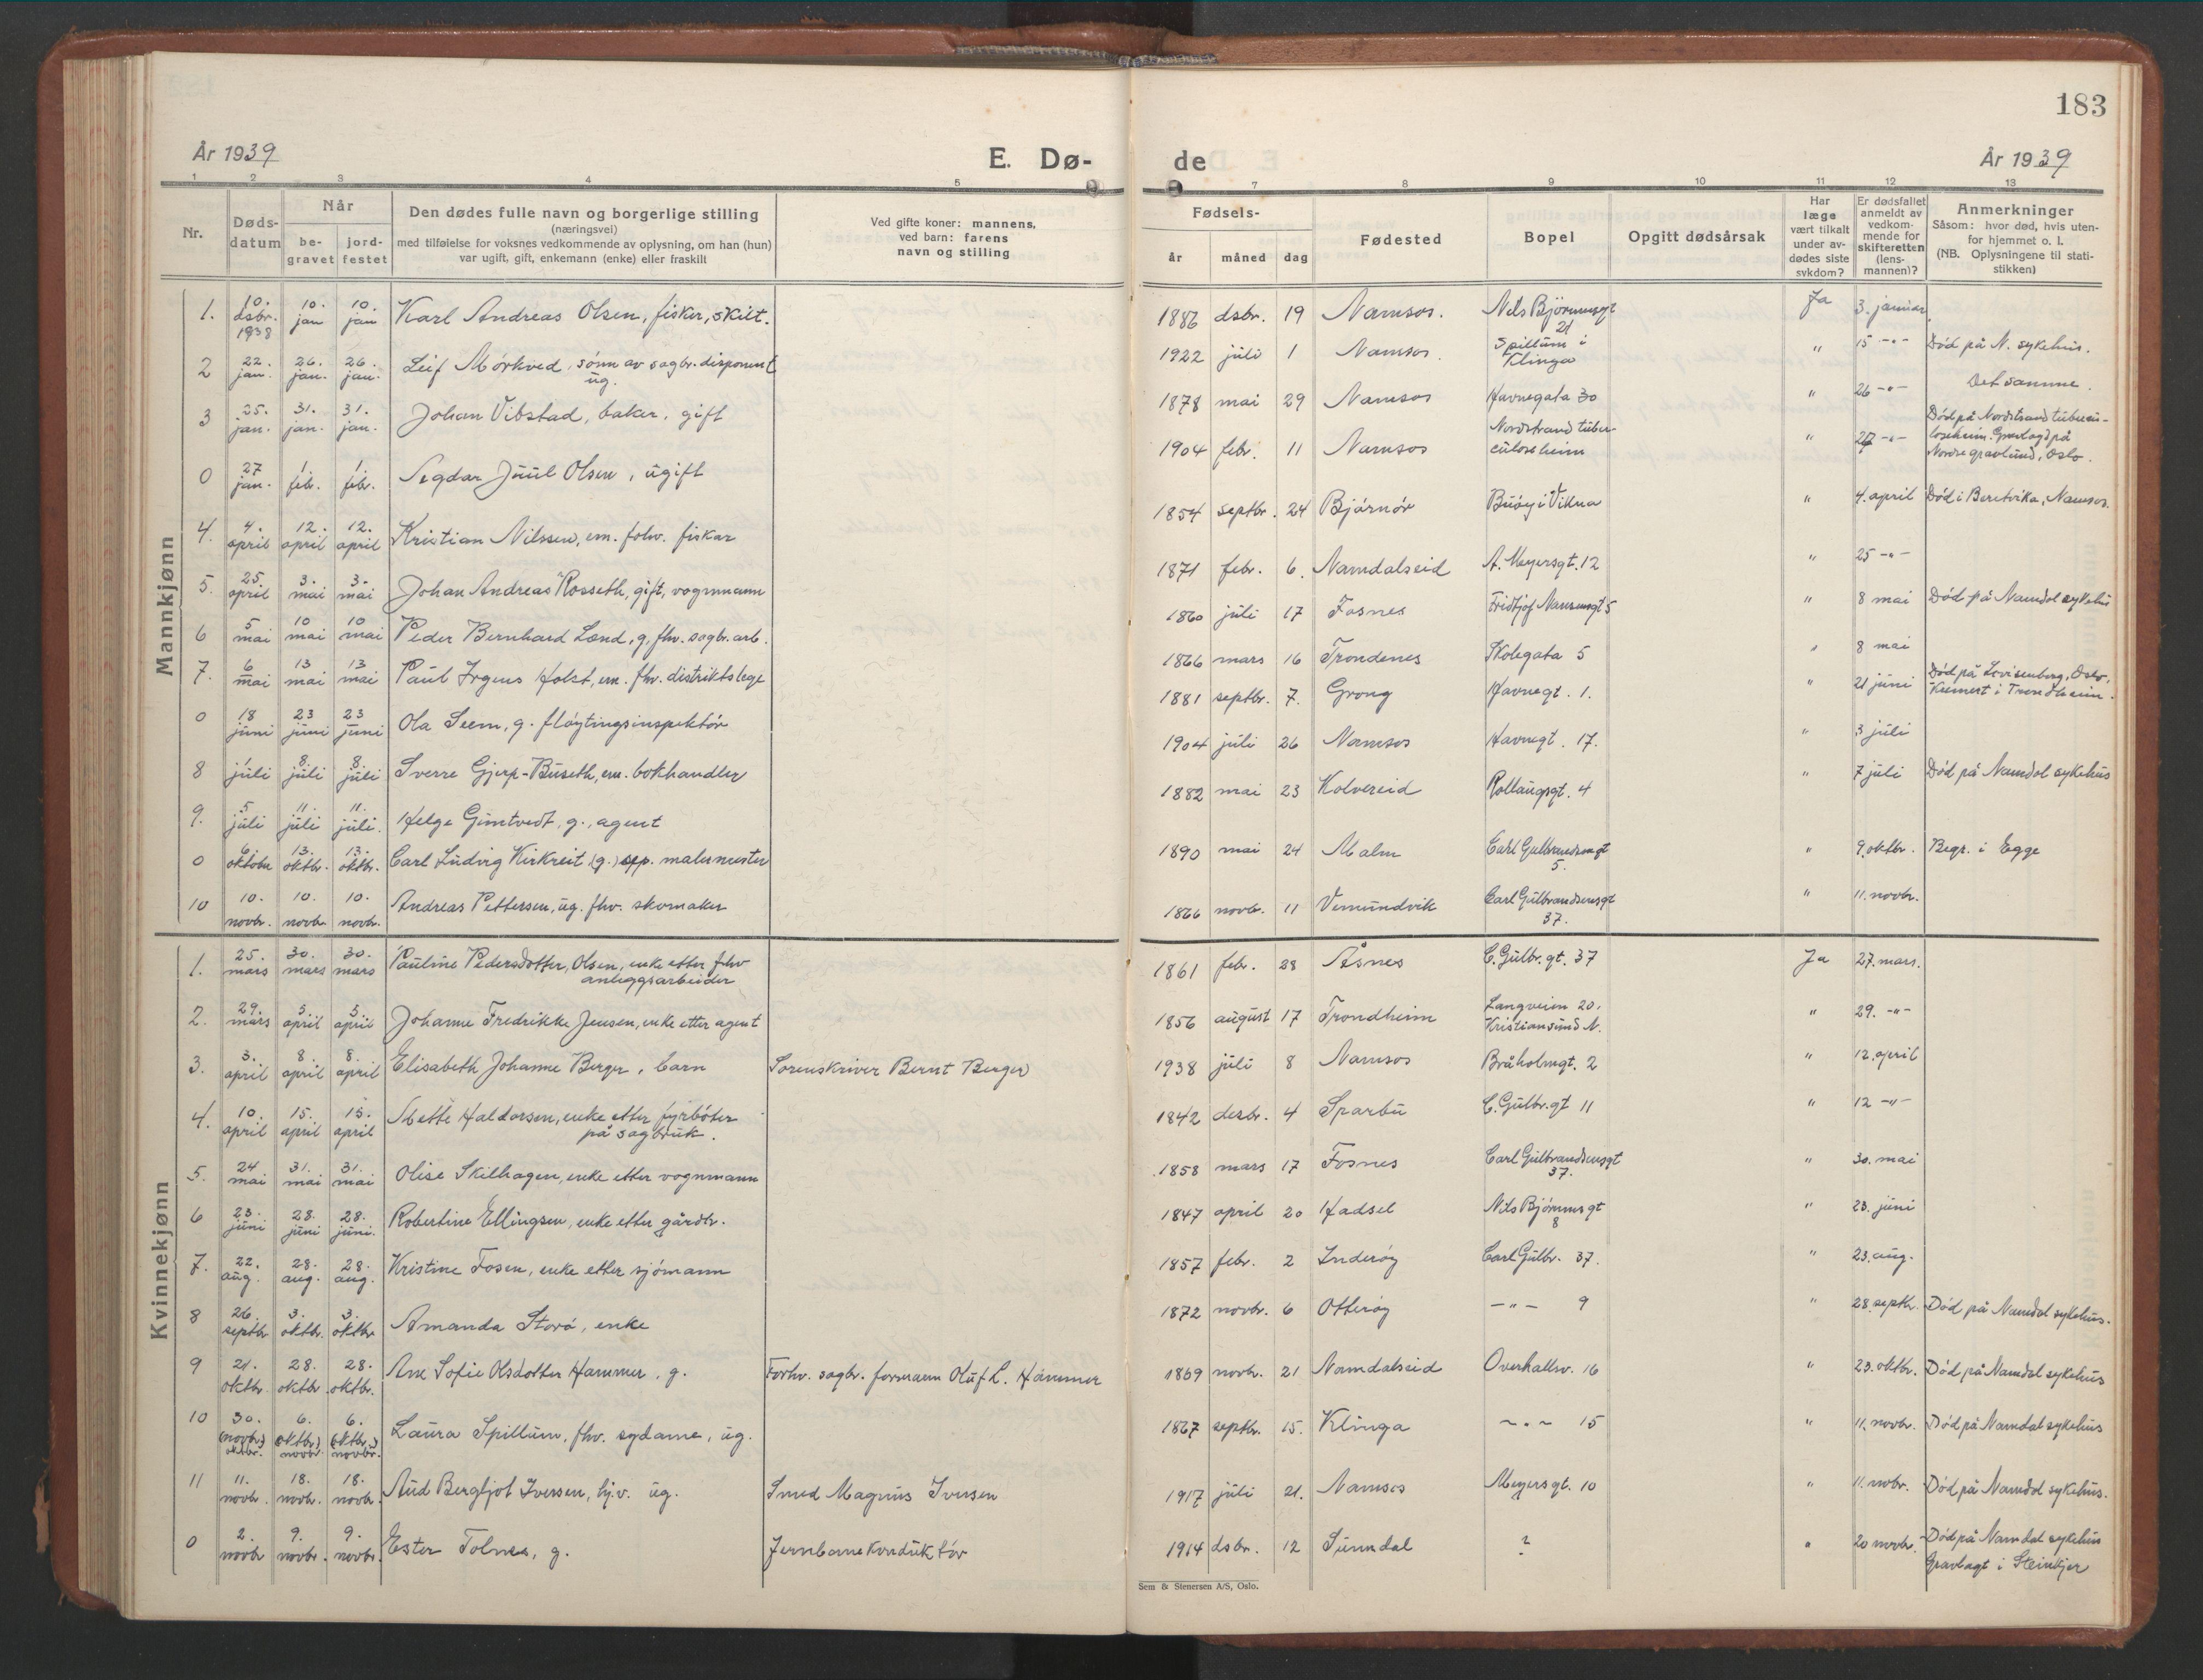 SAT, Ministerialprotokoller, klokkerbøker og fødselsregistre - Nord-Trøndelag, 768/L0583: Klokkerbok nr. 768C01, 1928-1953, s. 183